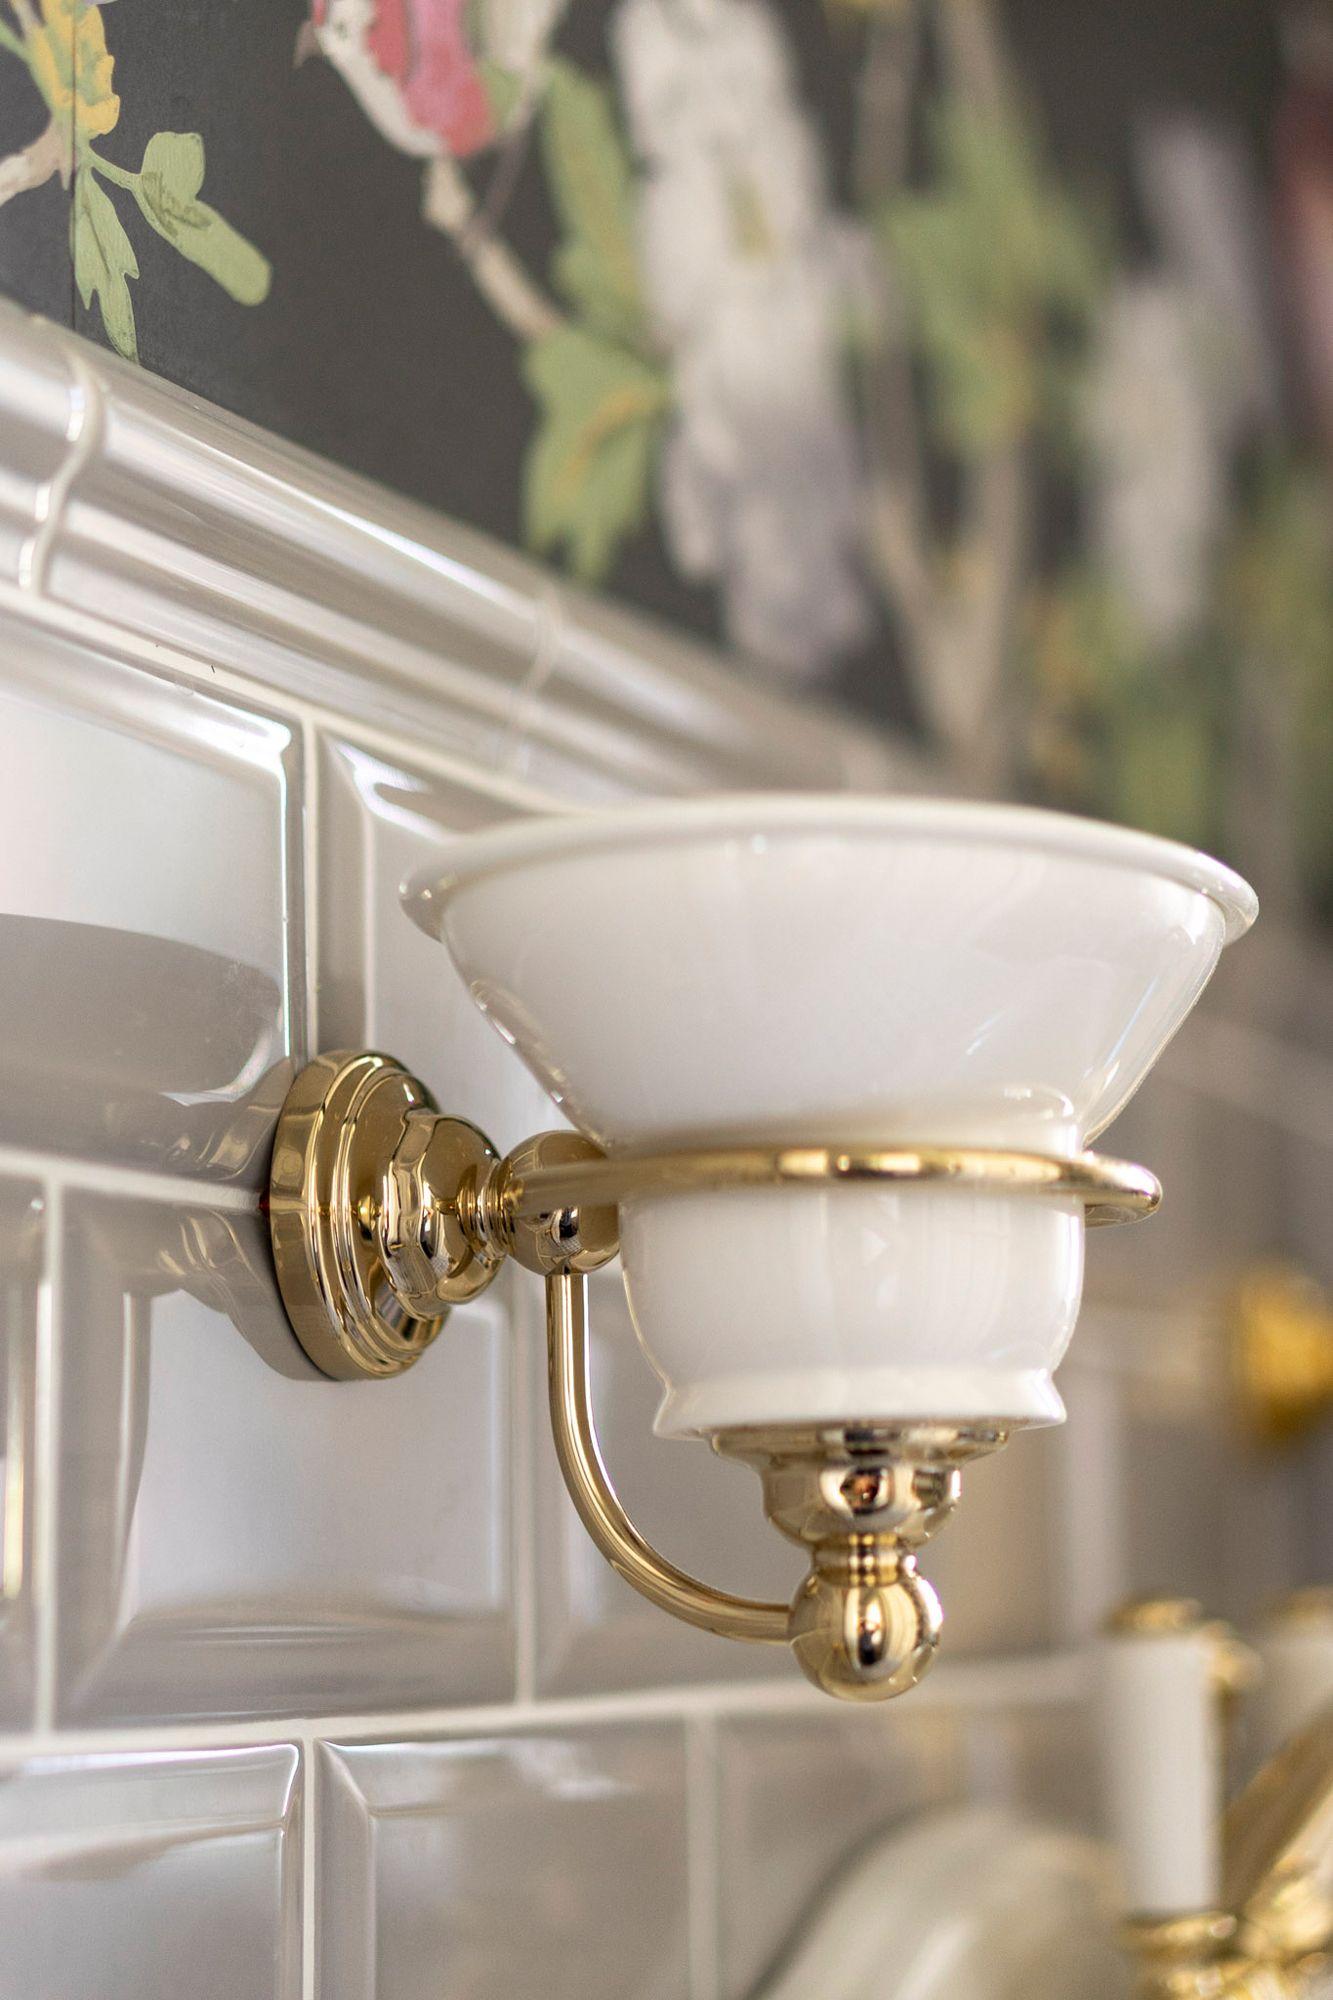 Vintage Seifenschale Porzellan In 2020 Seifenschale Traditionelle Bader Gusseisen Badewanne